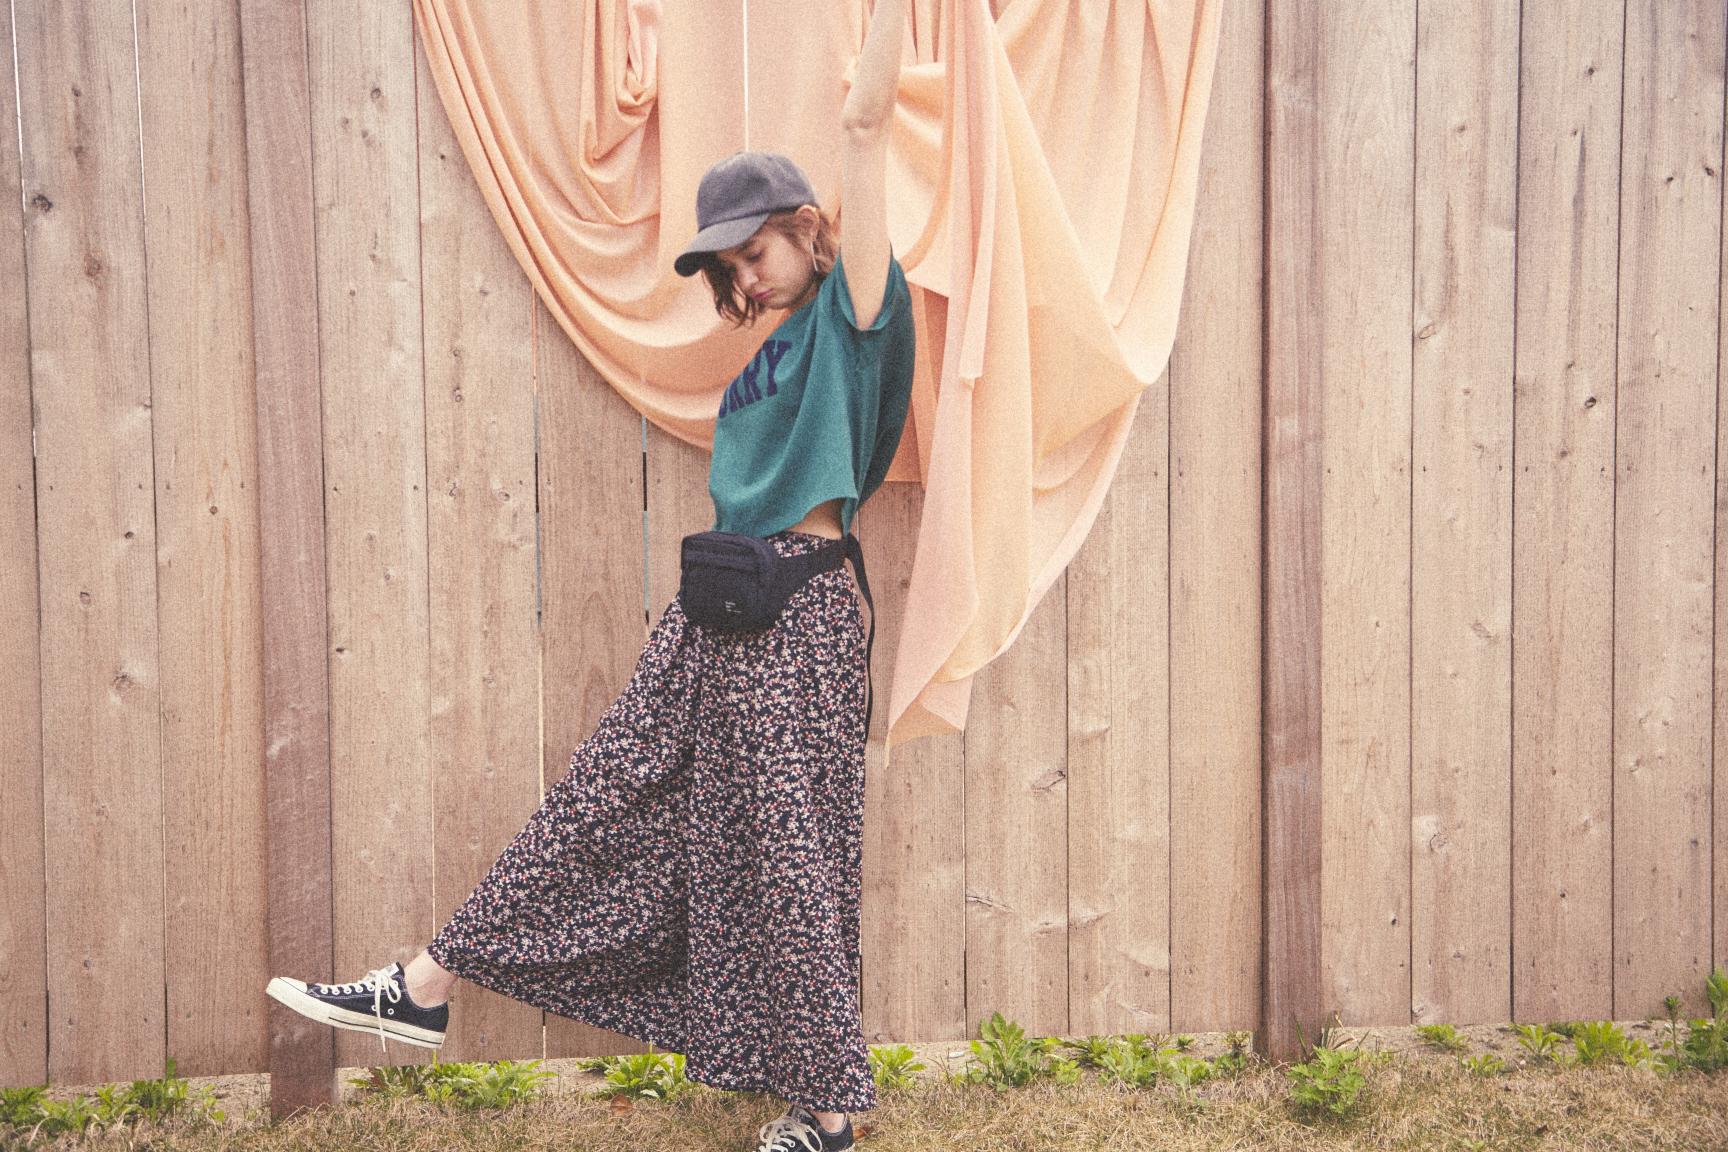 瑛茉ジャスミンが着る、フェスコーデ